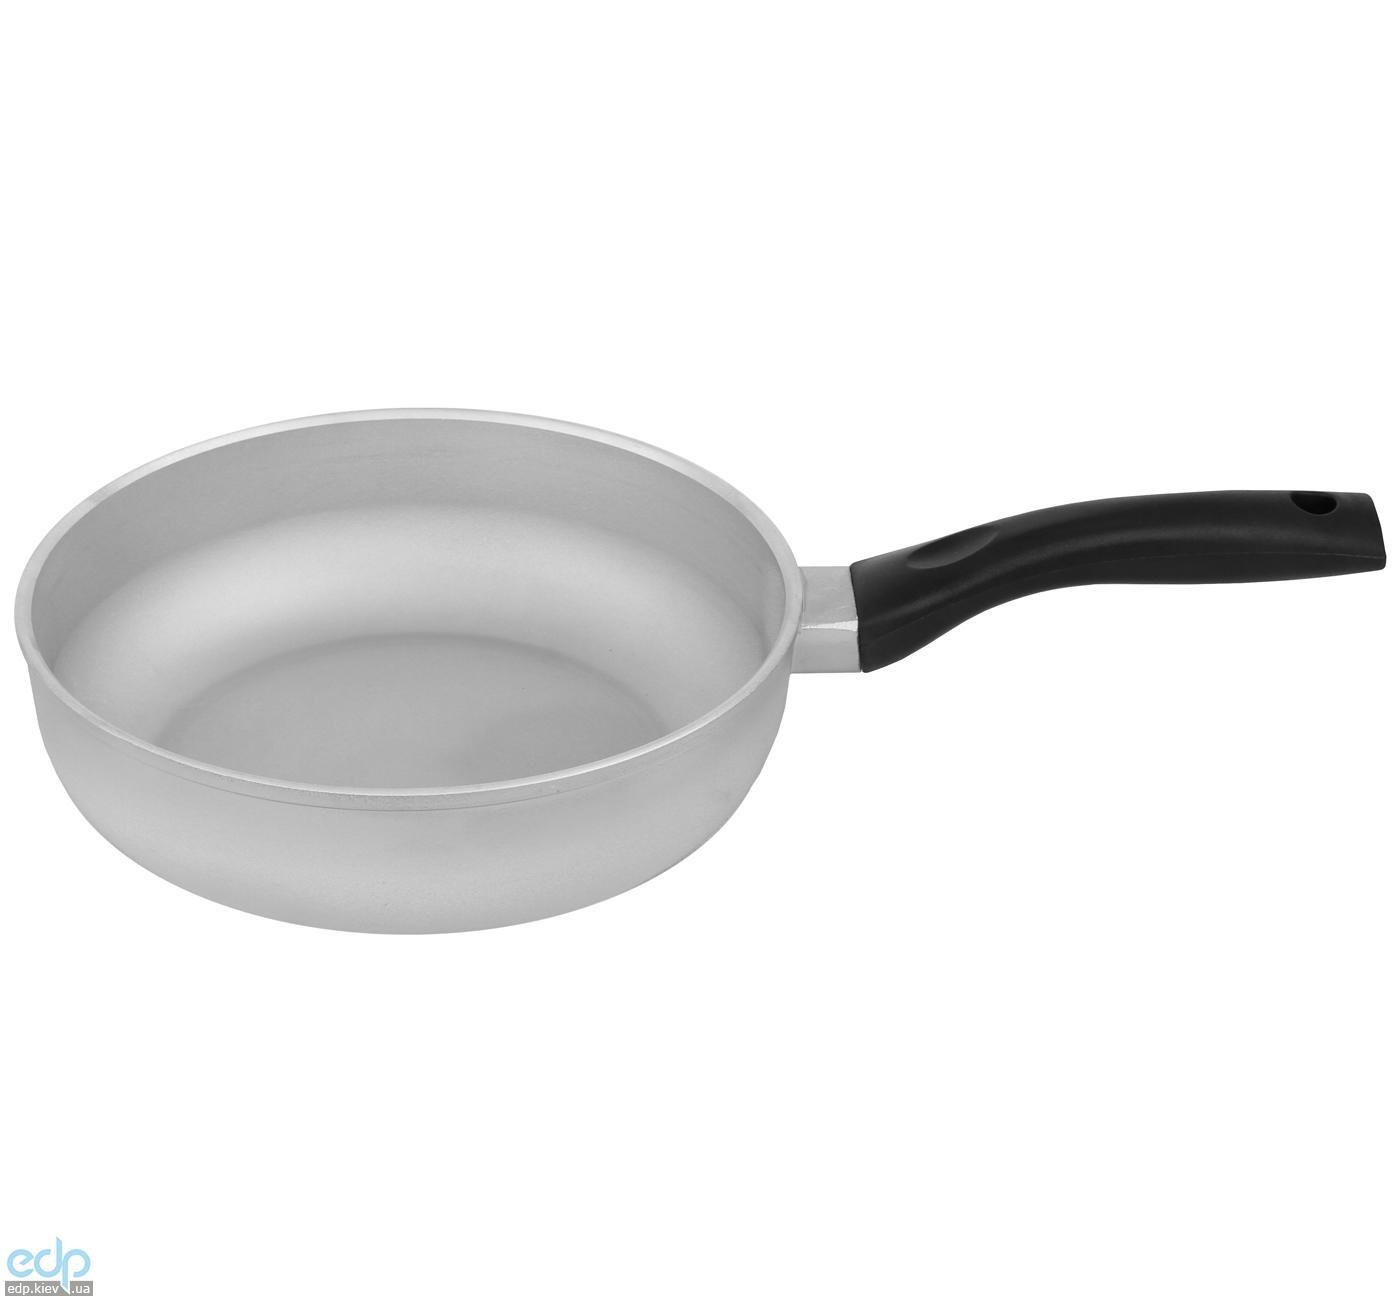 Биол - Сковородка с утолщенным дном без крышки диаметр 24 см (2409)